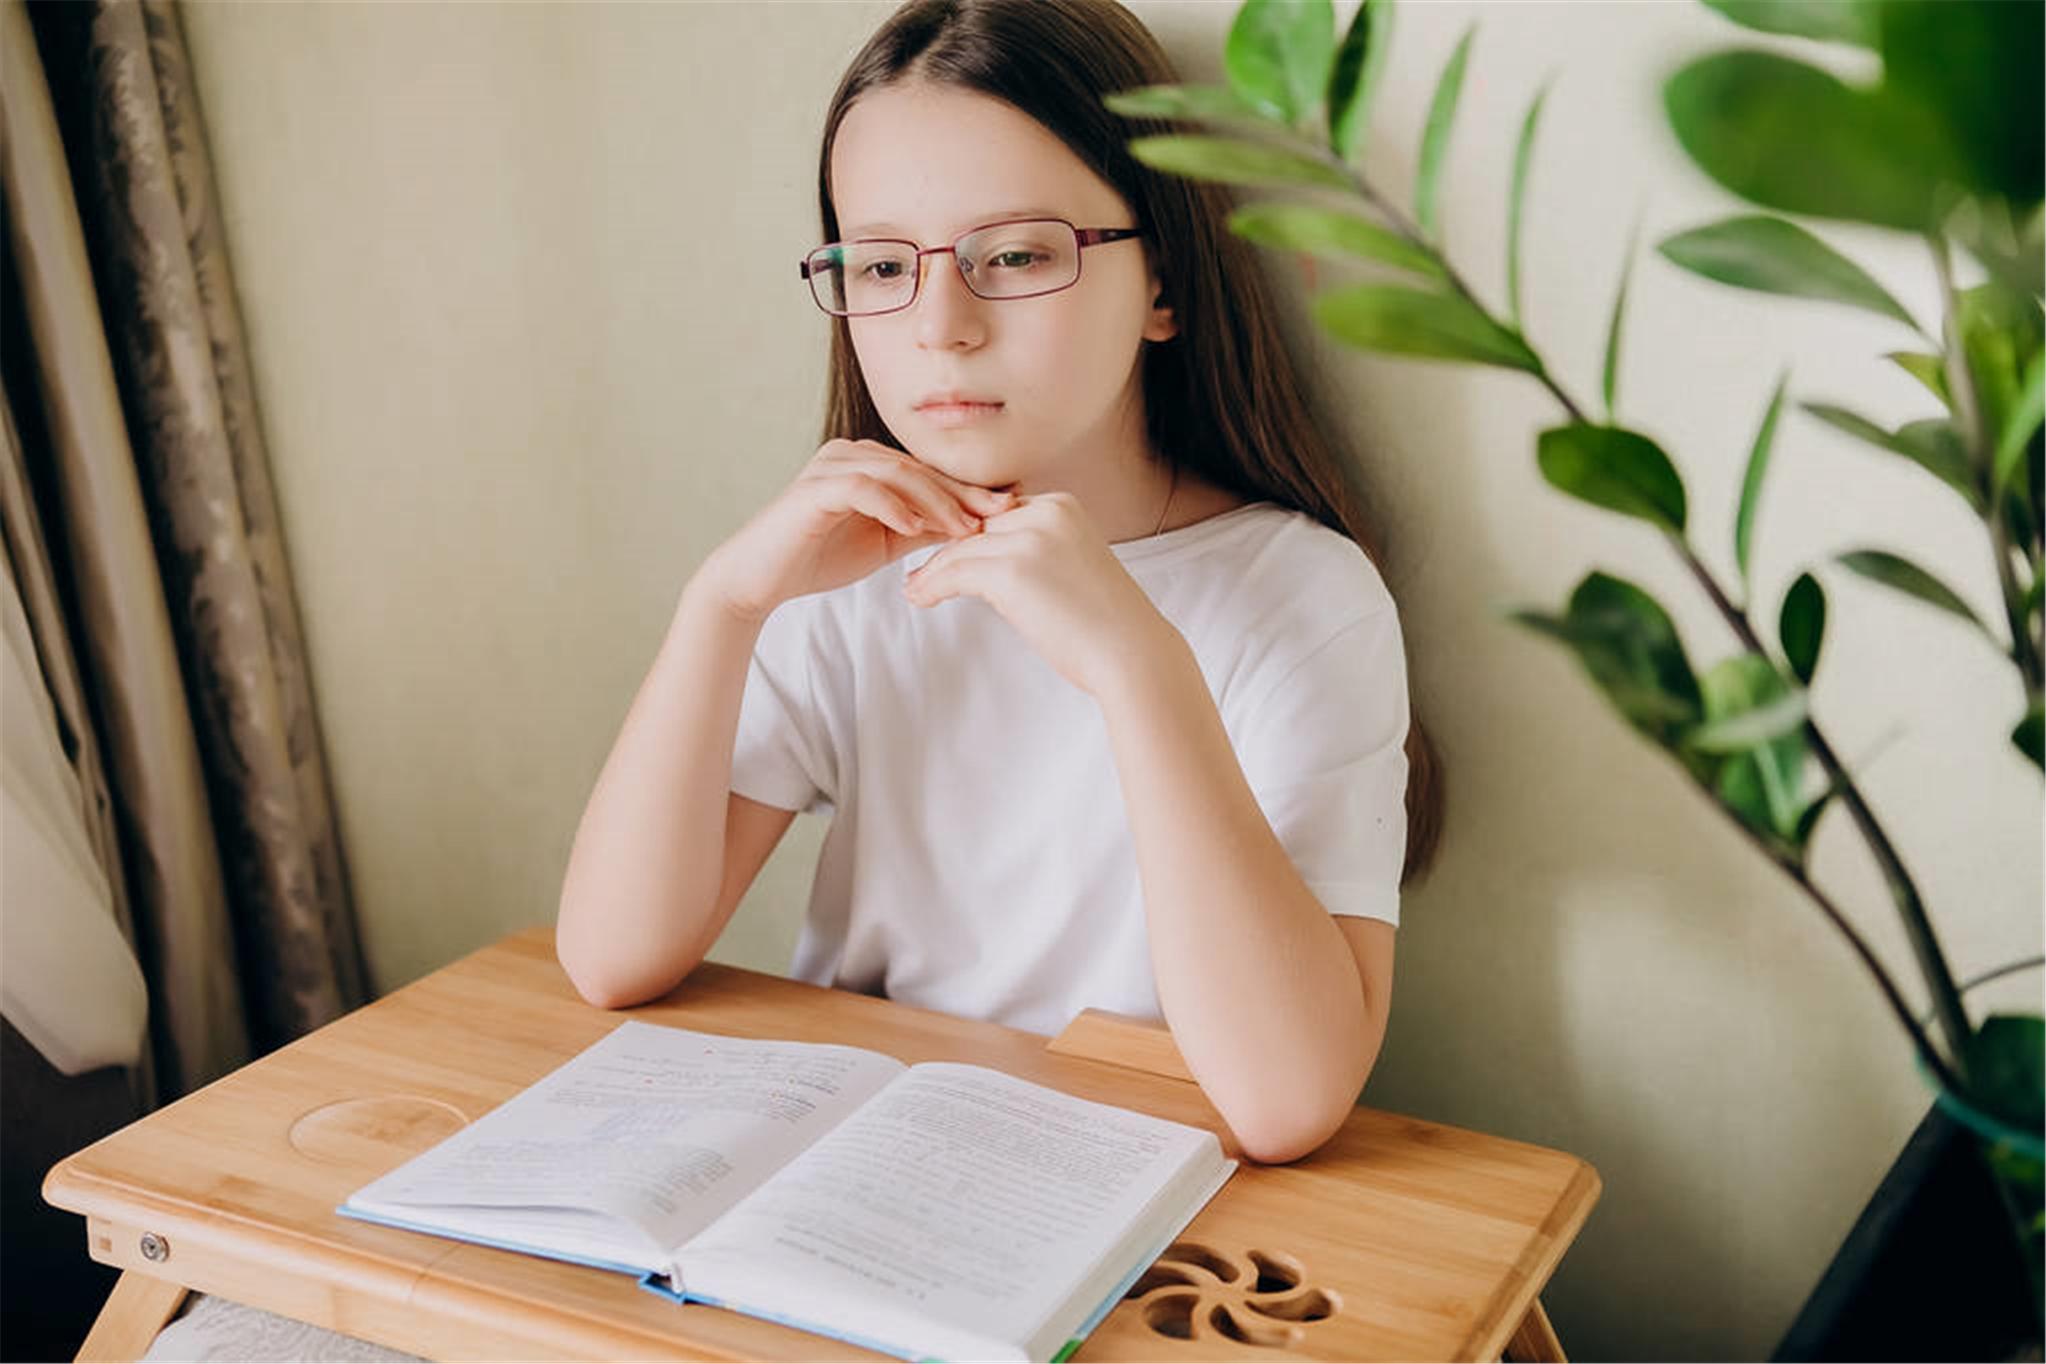 高三的学生还有一百天左右高考,还能提高语文成绩吗?